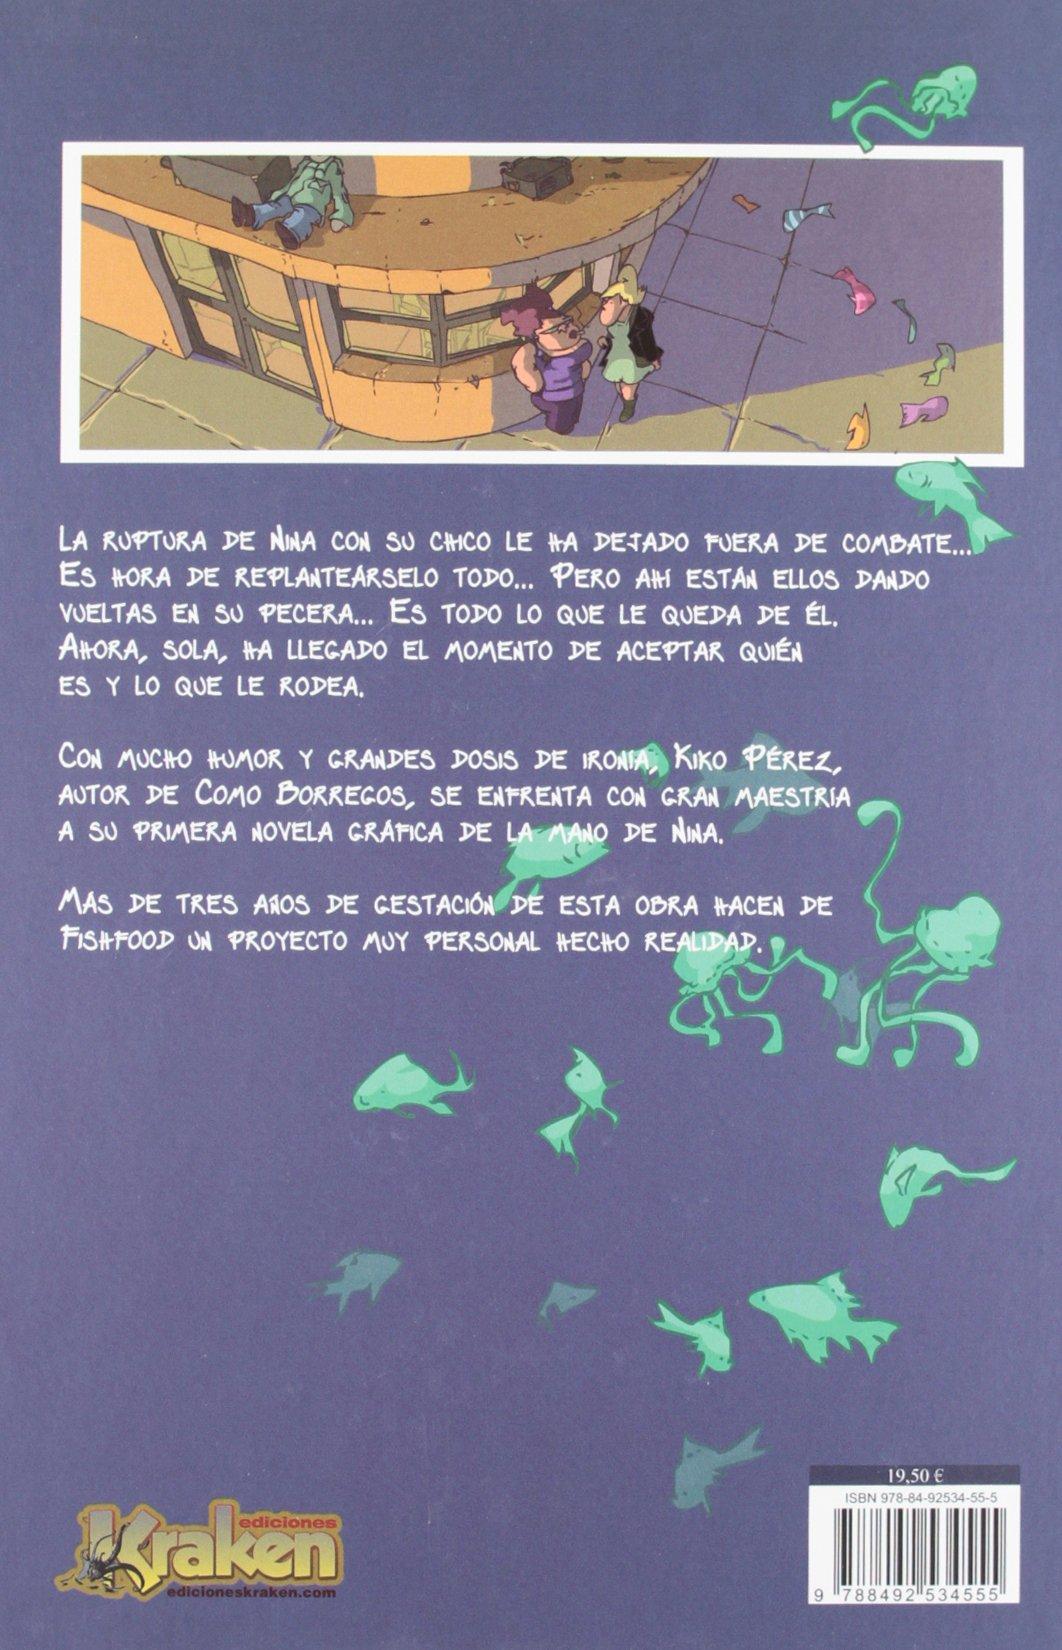 Amazon.com: Fishfood (Spanish Edition) (9788492534555): Kiko Perez: Books